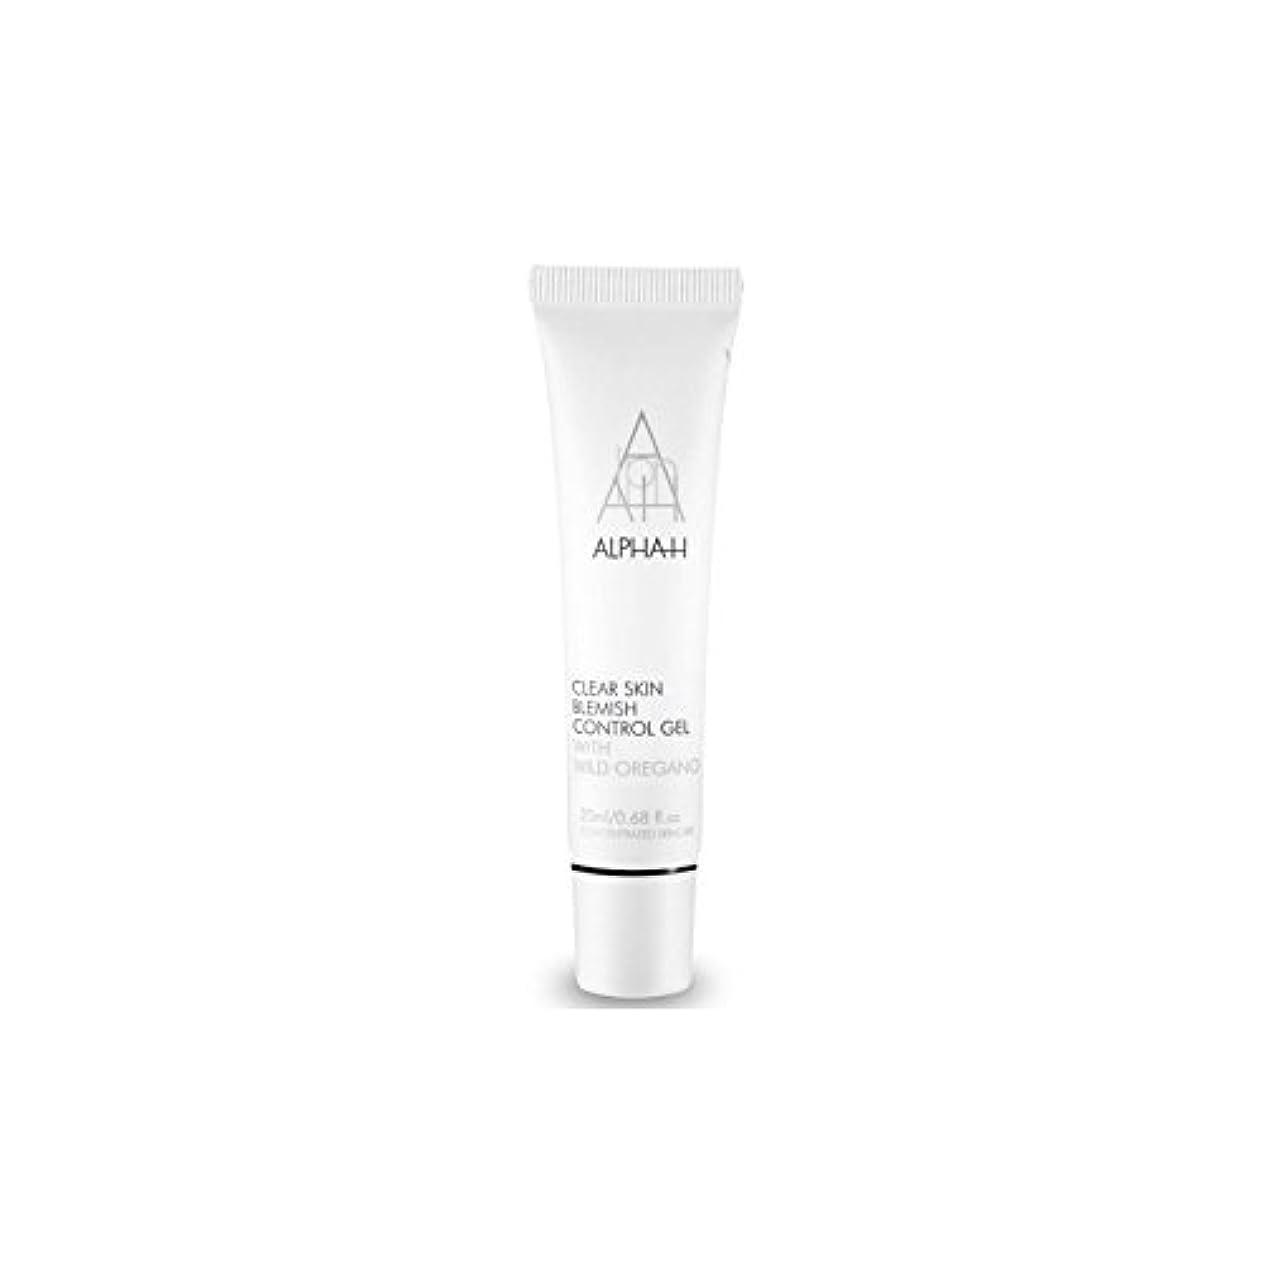 かごヘルパーばかアルファクリア皮膚傷制御ゲル(20)中 x2 - Alpha-H Clear Skin Blemish Control Gel (20ml) (Pack of 2) [並行輸入品]